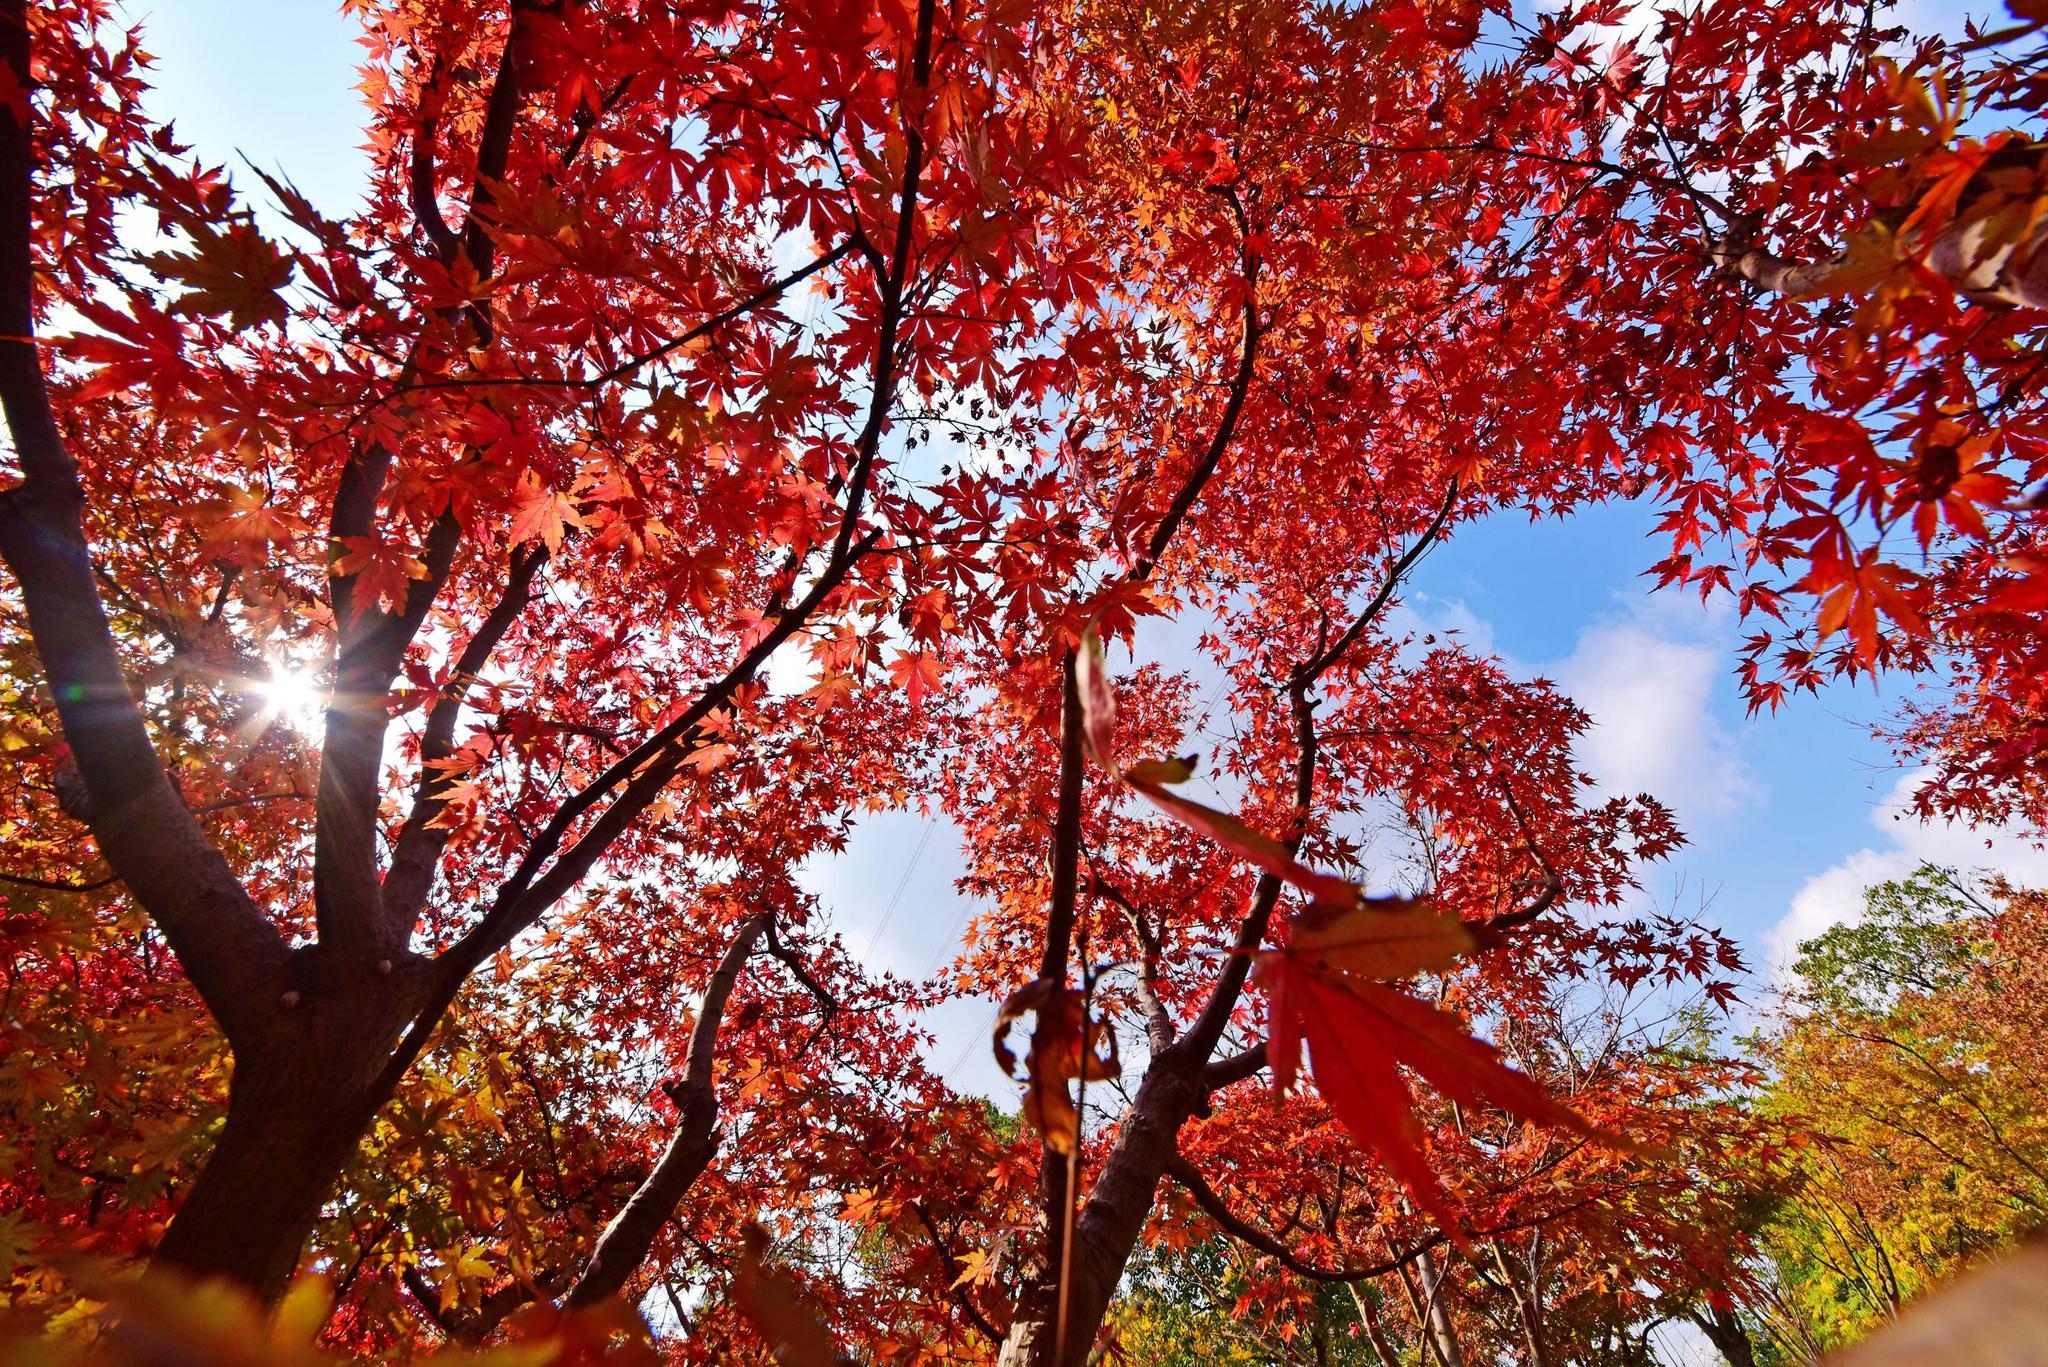 枫叶红了,进入冬天的江南无锡,才有深秋的美景,锡山区锡北镇。